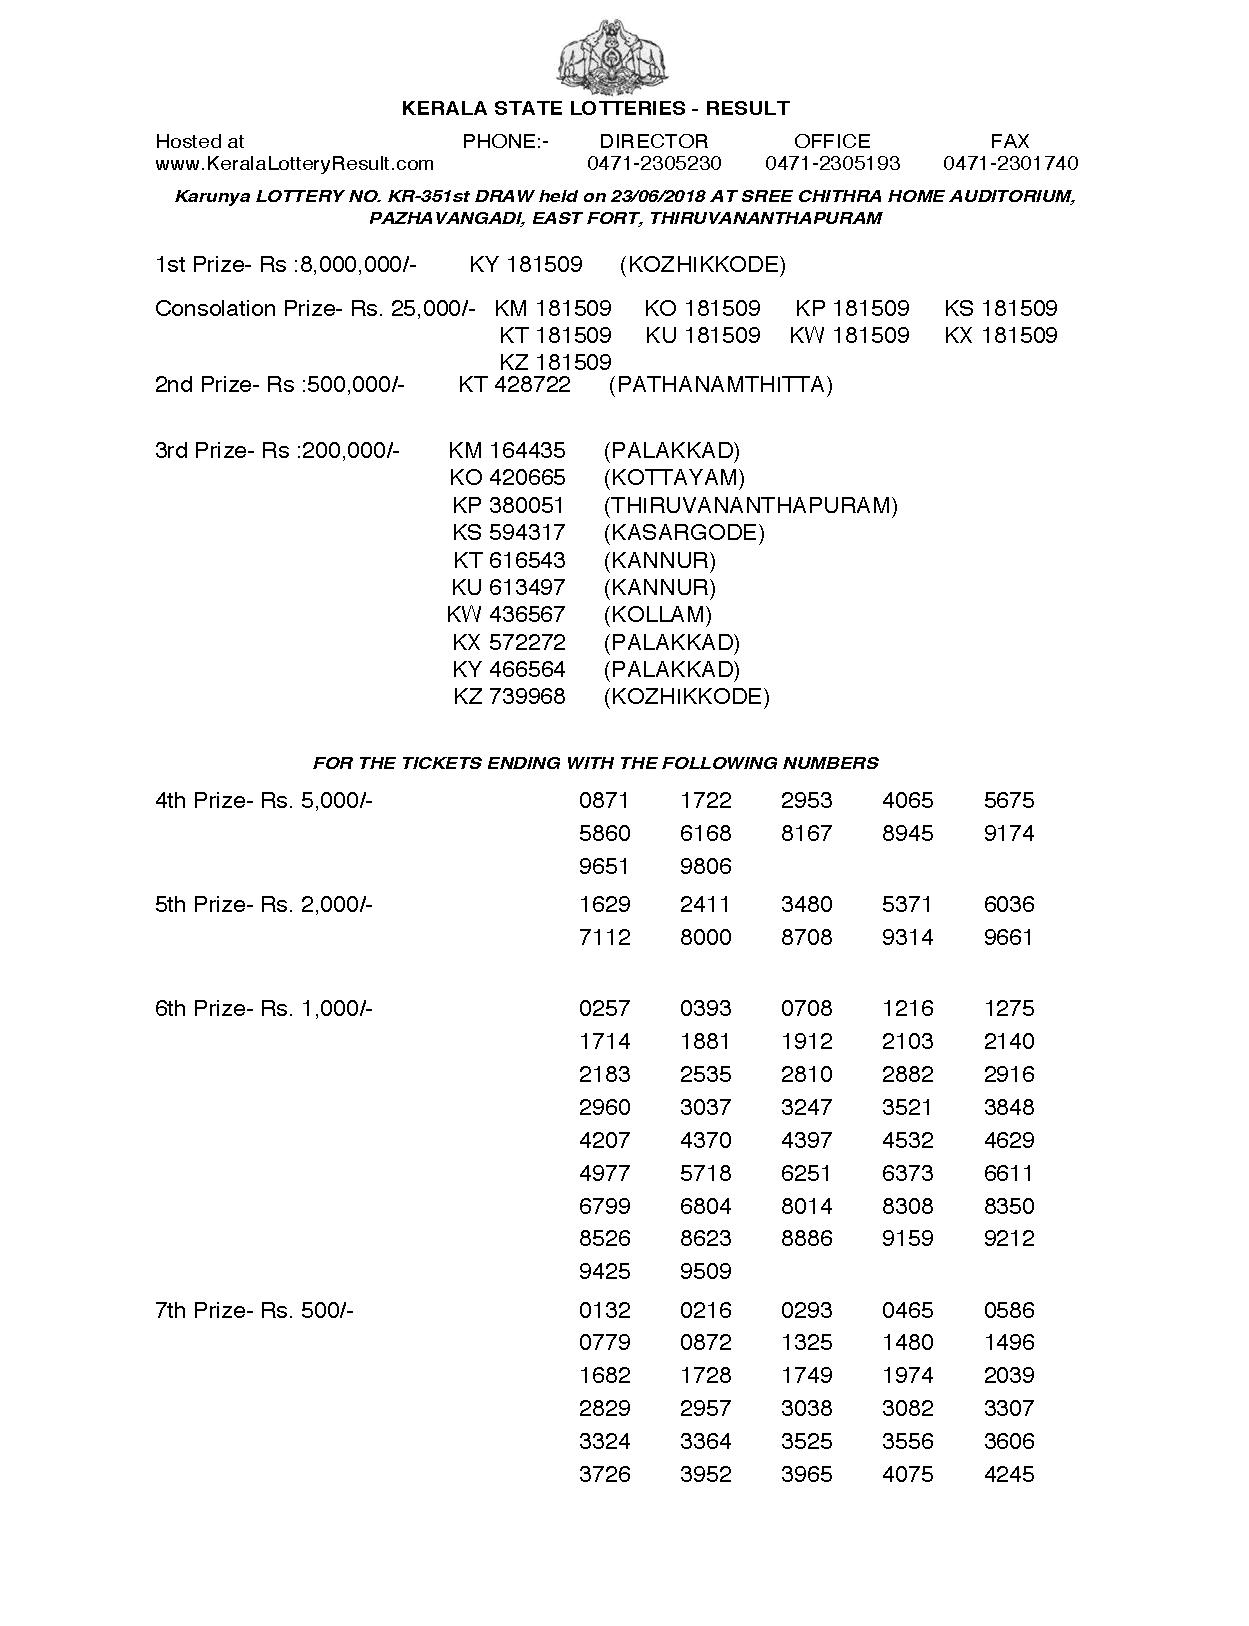 Karunya KR351 Kerala Lottery Results Screenshot: Page 1